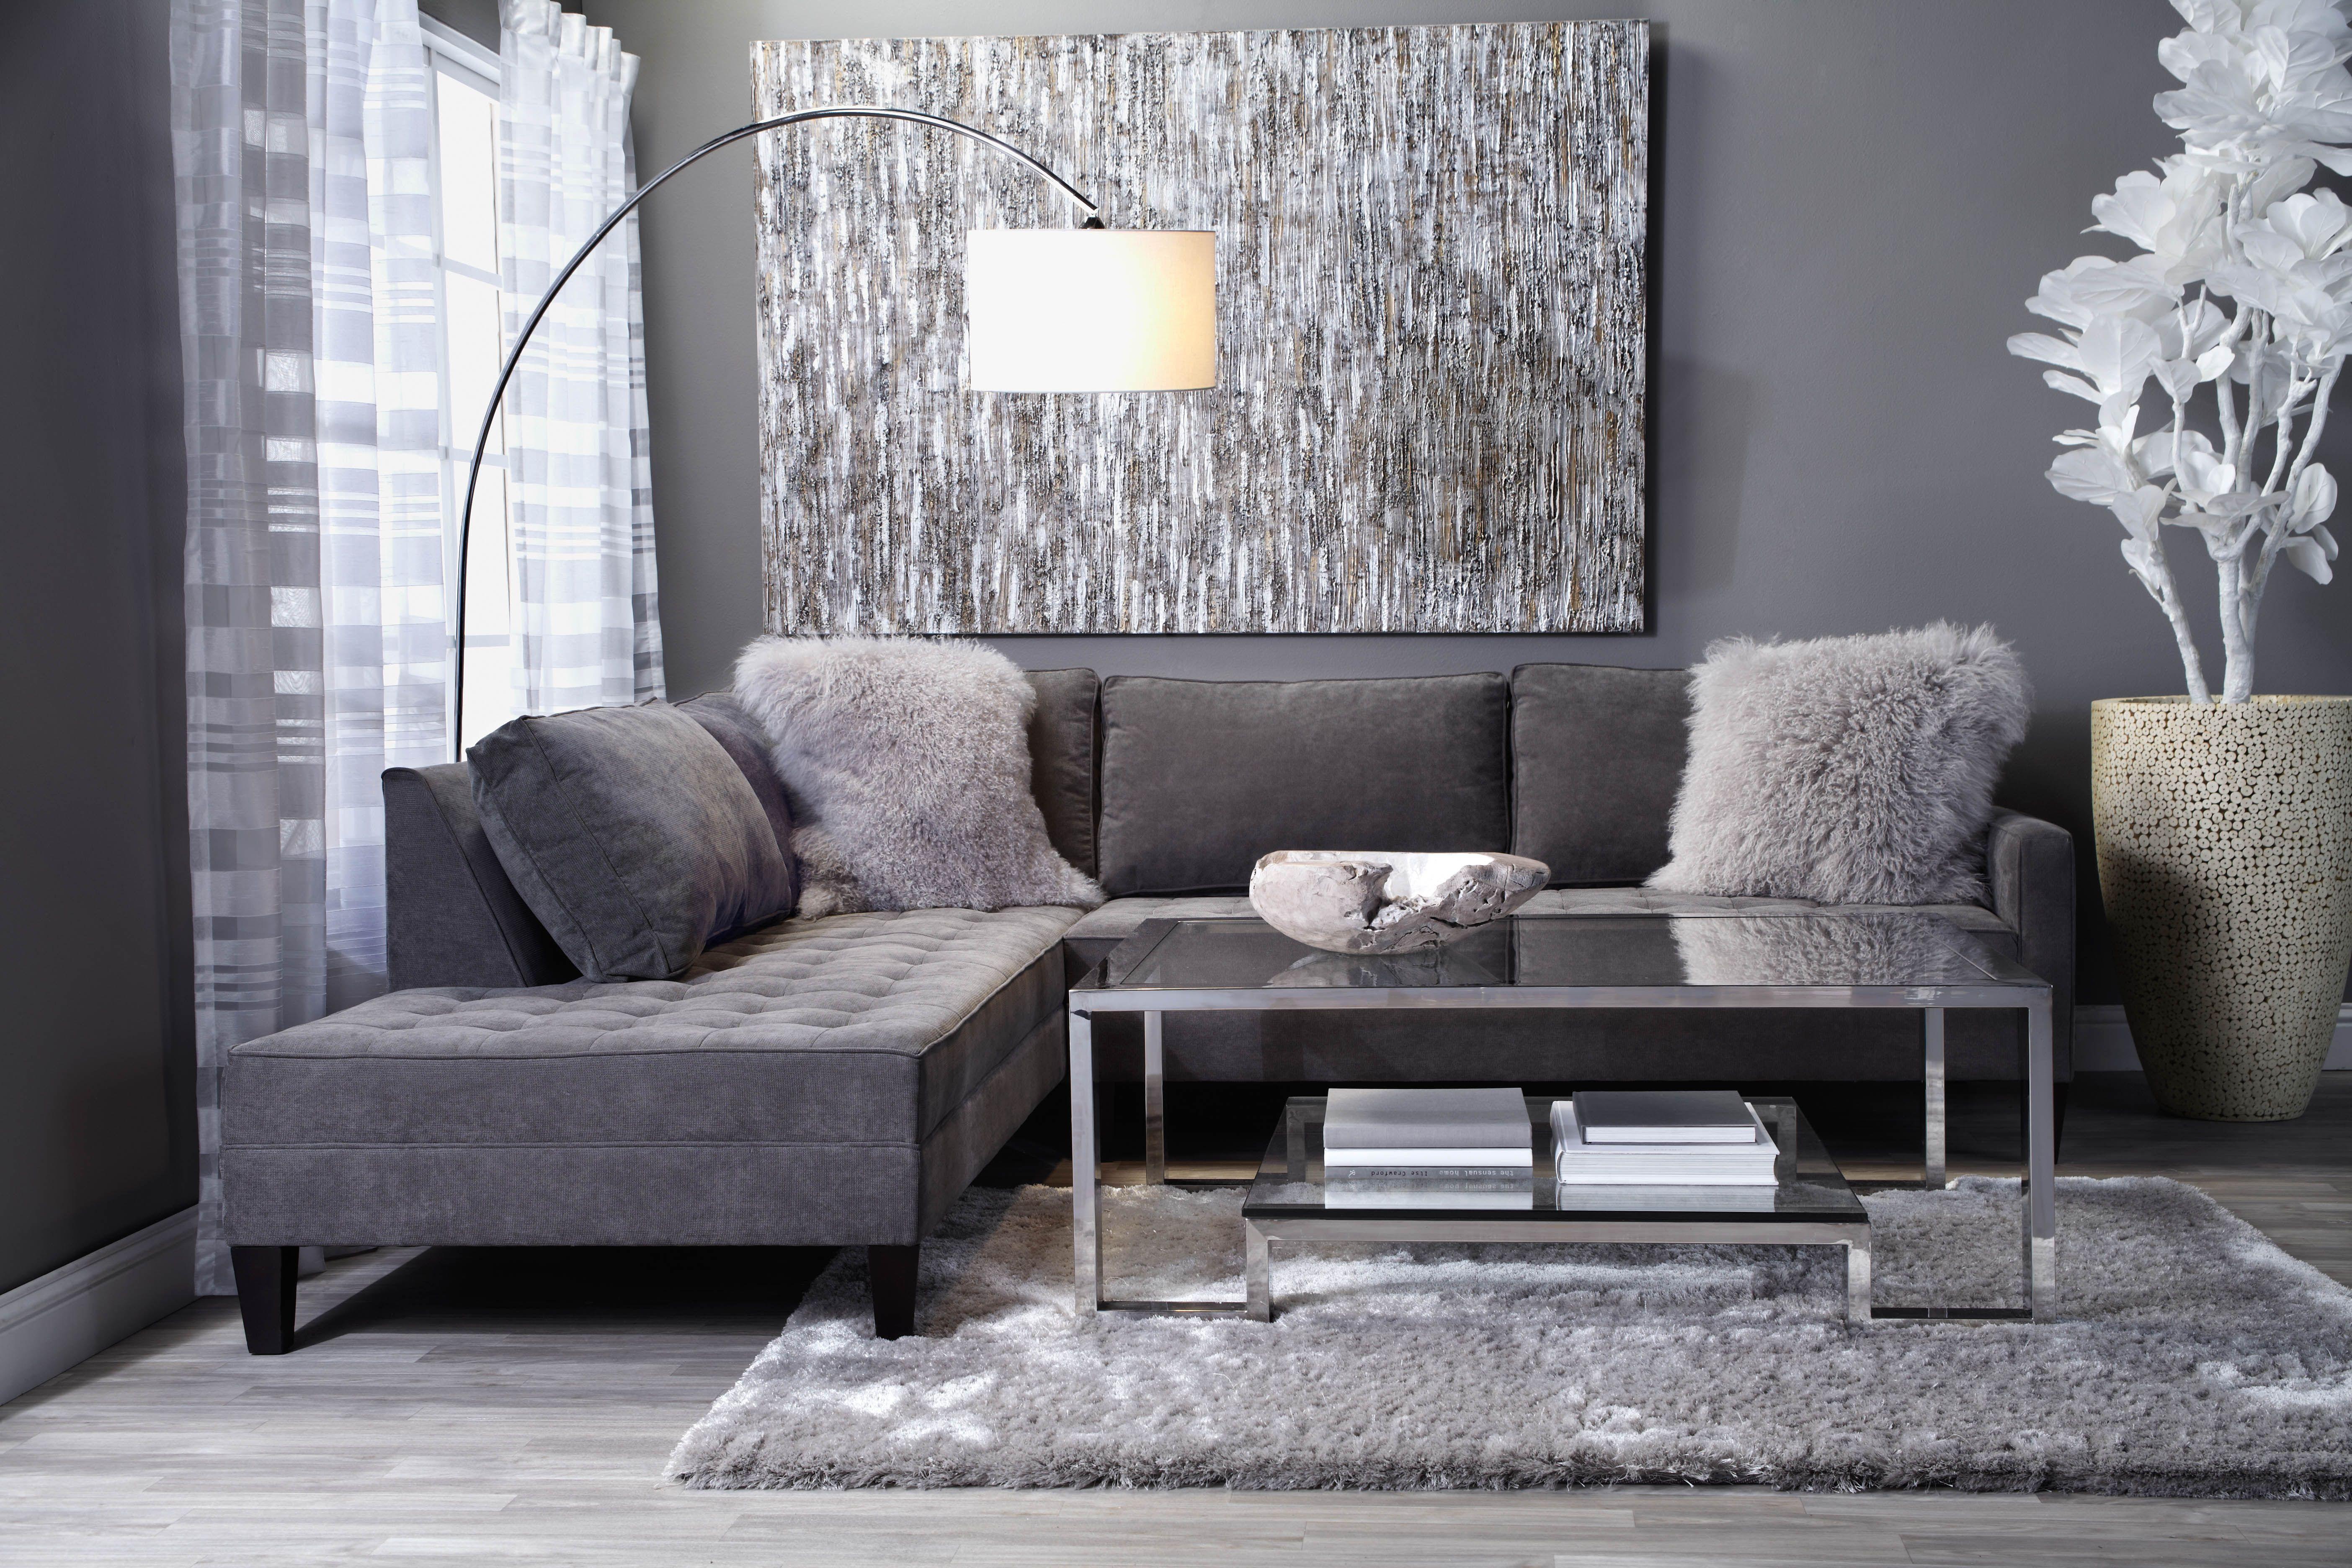 Ultra modern bedroom interior design monochrome shades of grey interior design apartment condo small